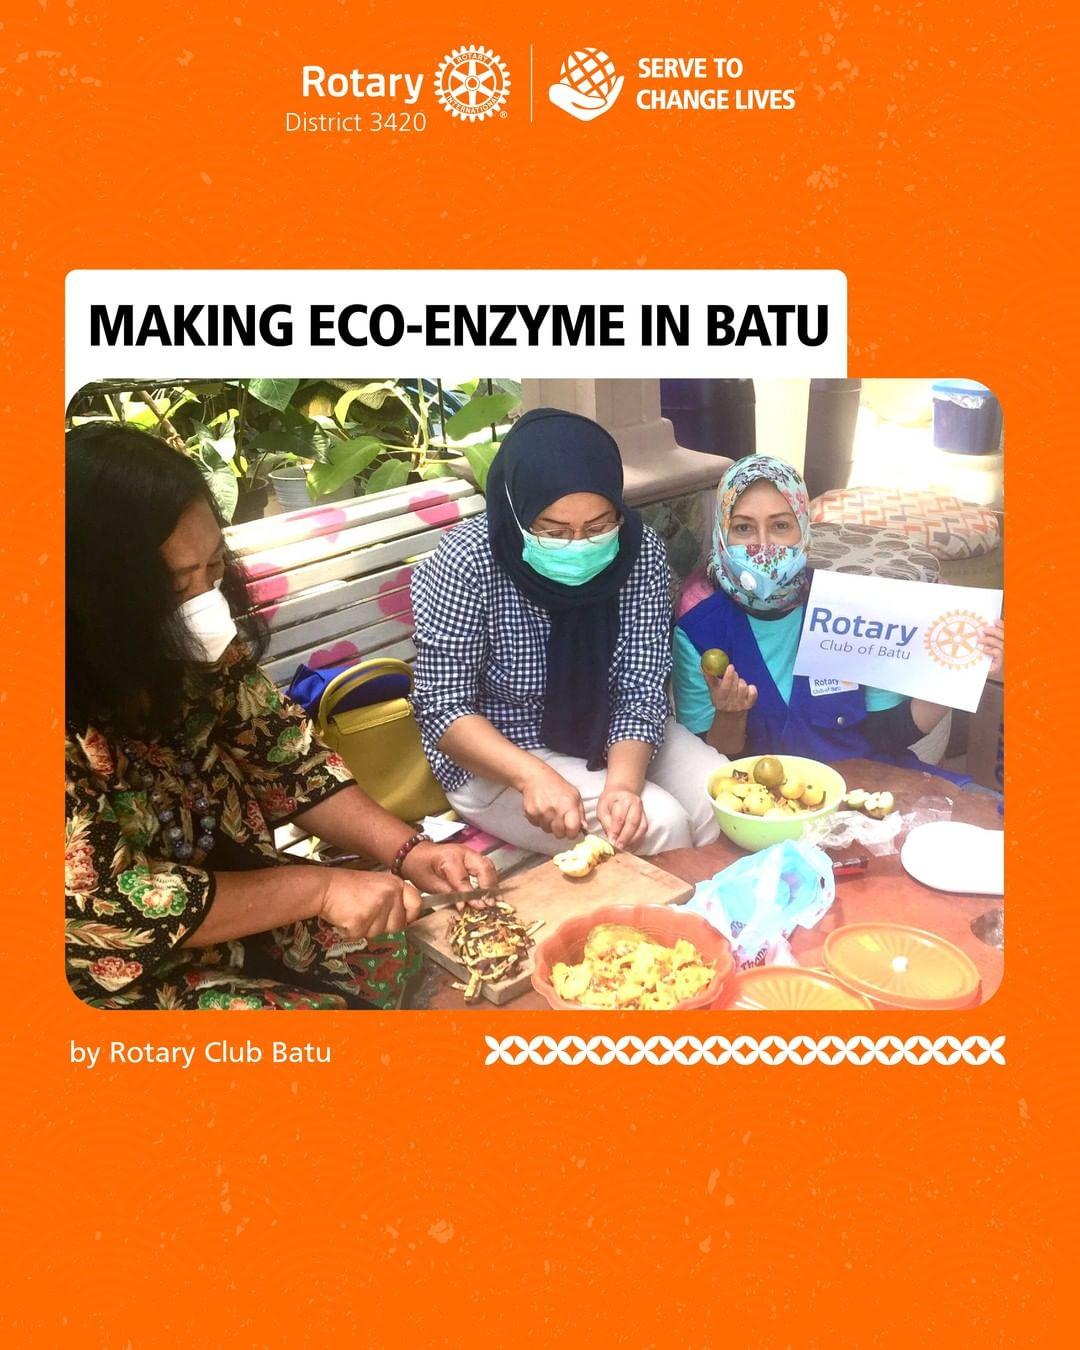 Making Eco-Enzyme in Batu